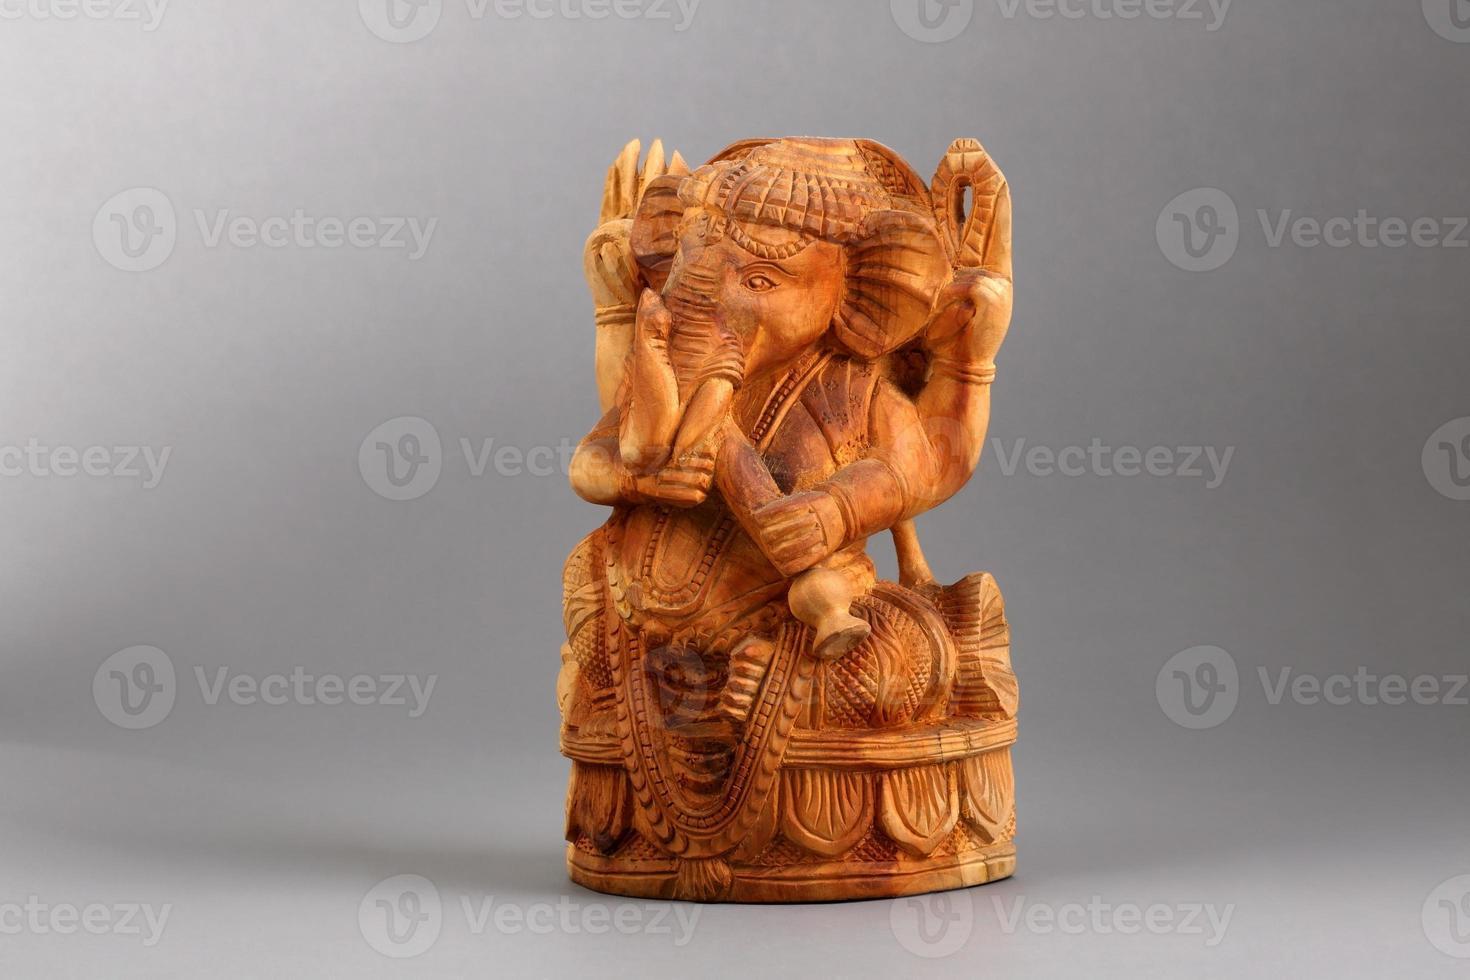 Ganesha Sandelholzschnitzereien isoliert auf weißem Hintergrund, die el foto